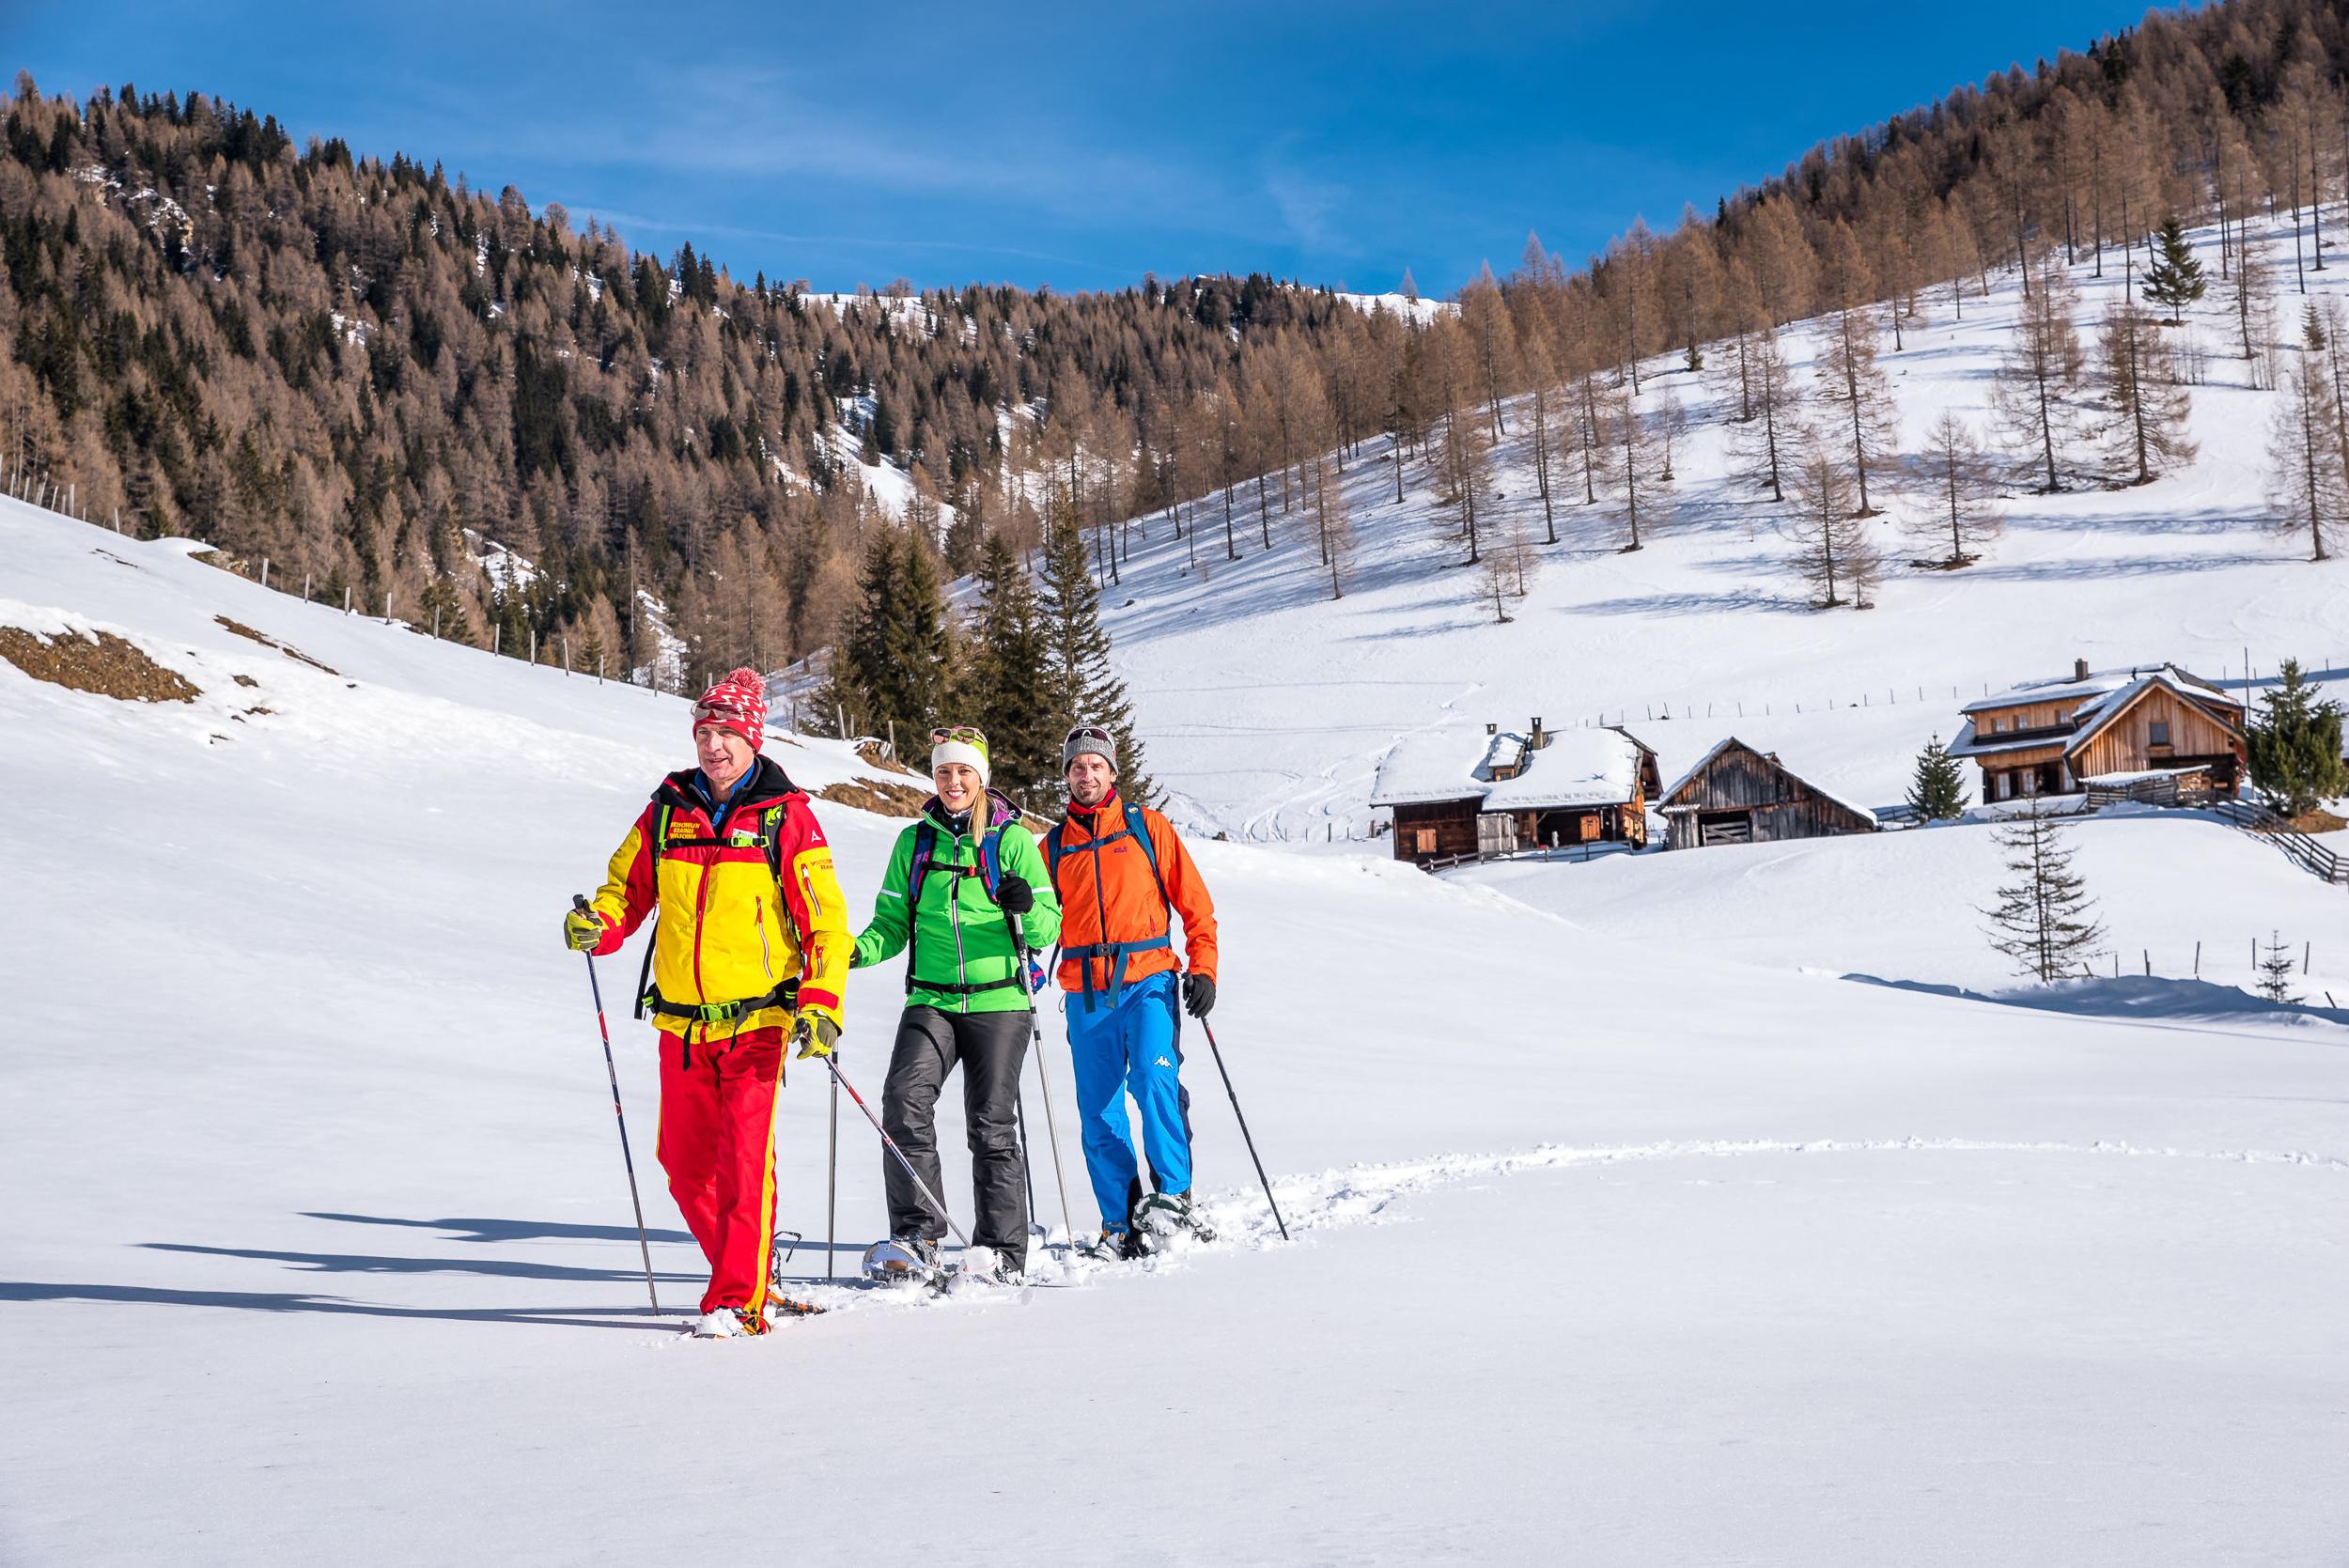 Schneeschuhwandern in der Region Bad Kleinkirchheim in Kärnten, Winterurlaub an der Alpen Südseite